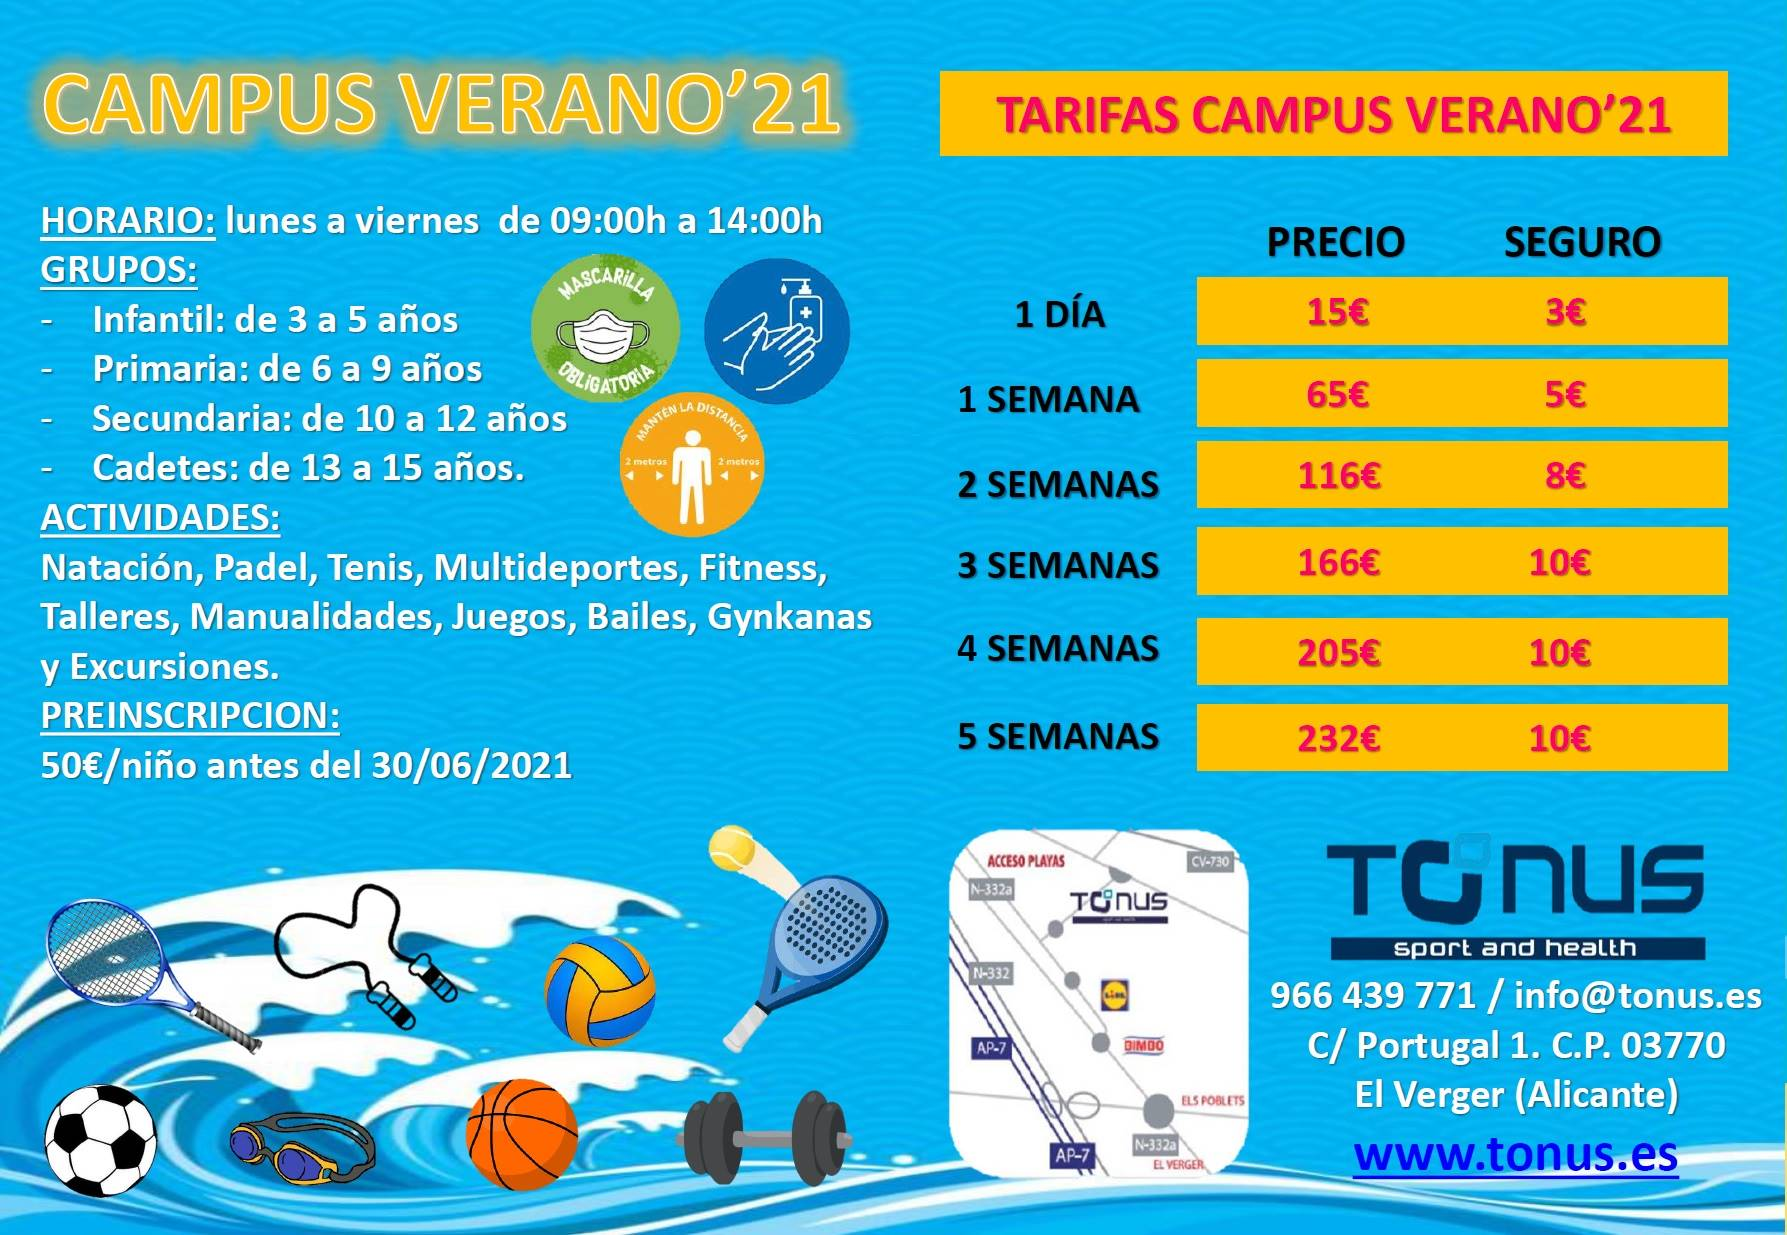 http://tonus.es/Noticias/images.ashx?id=9570